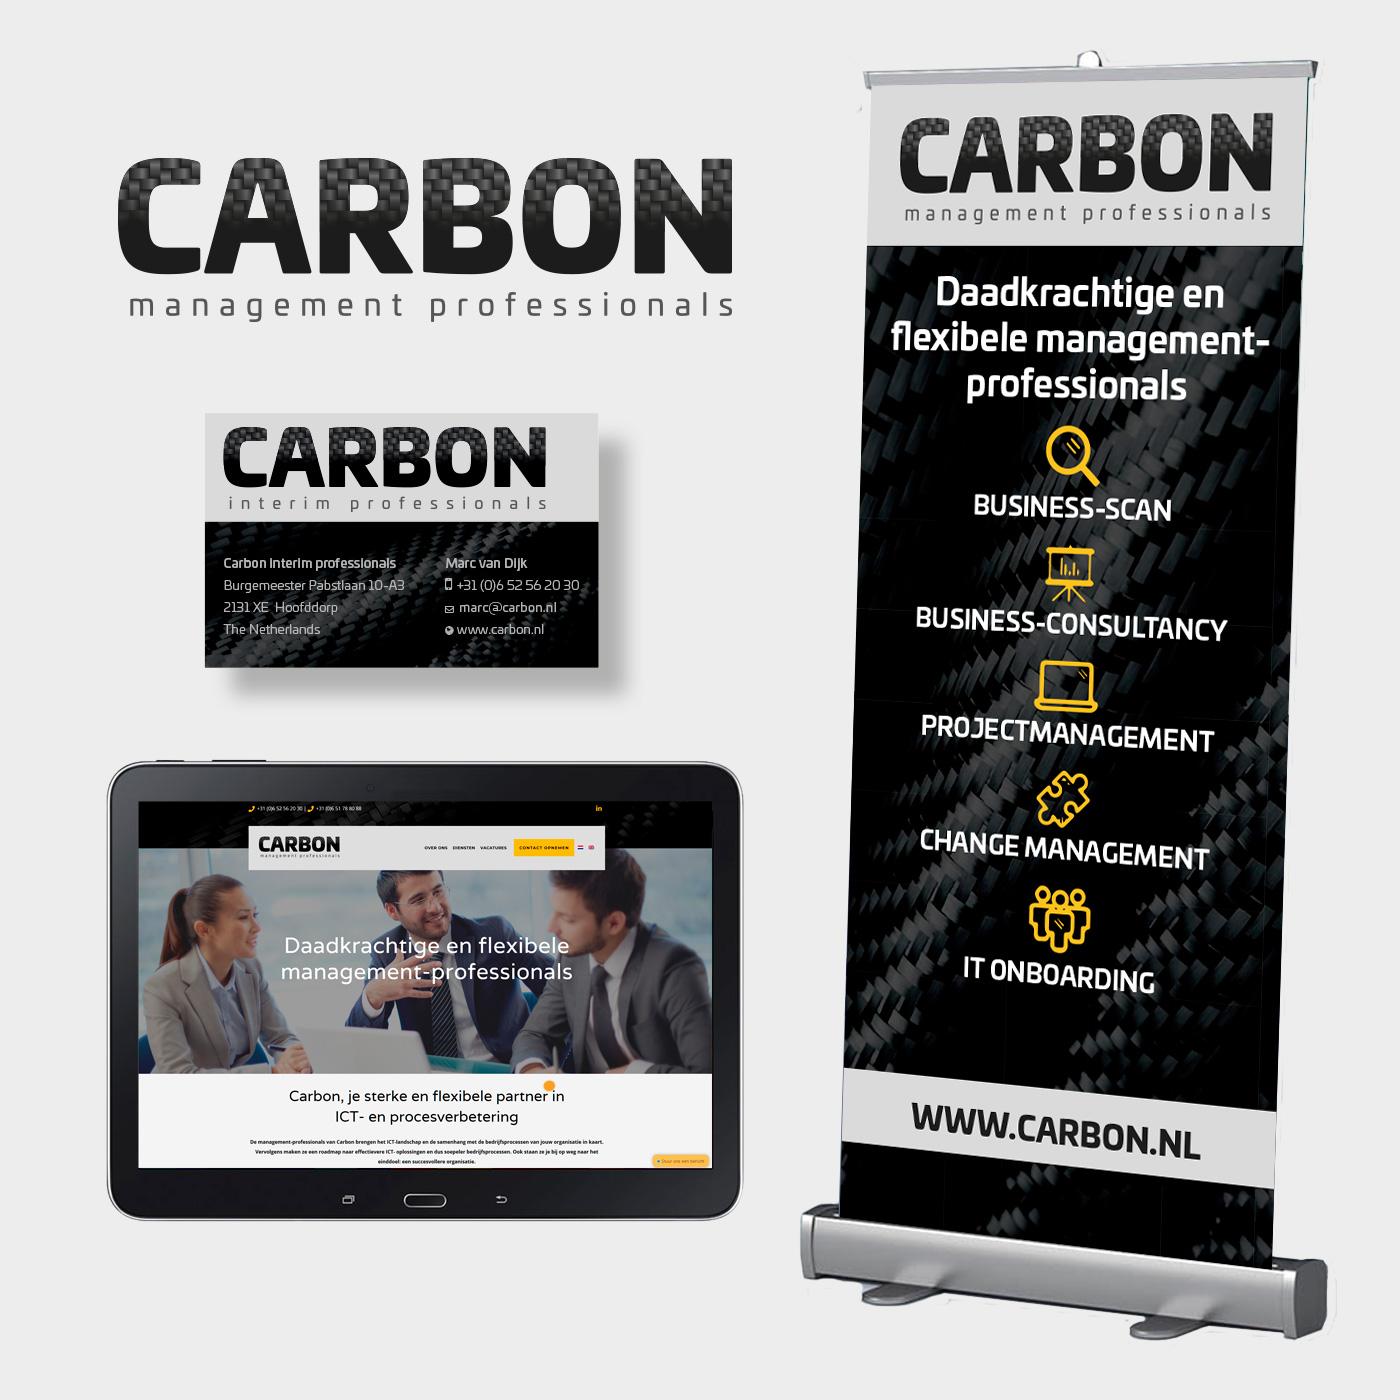 Voor Carbon Management Professionals maakte ik naast logo, visitekaartjes en rollup-banner ook de website.